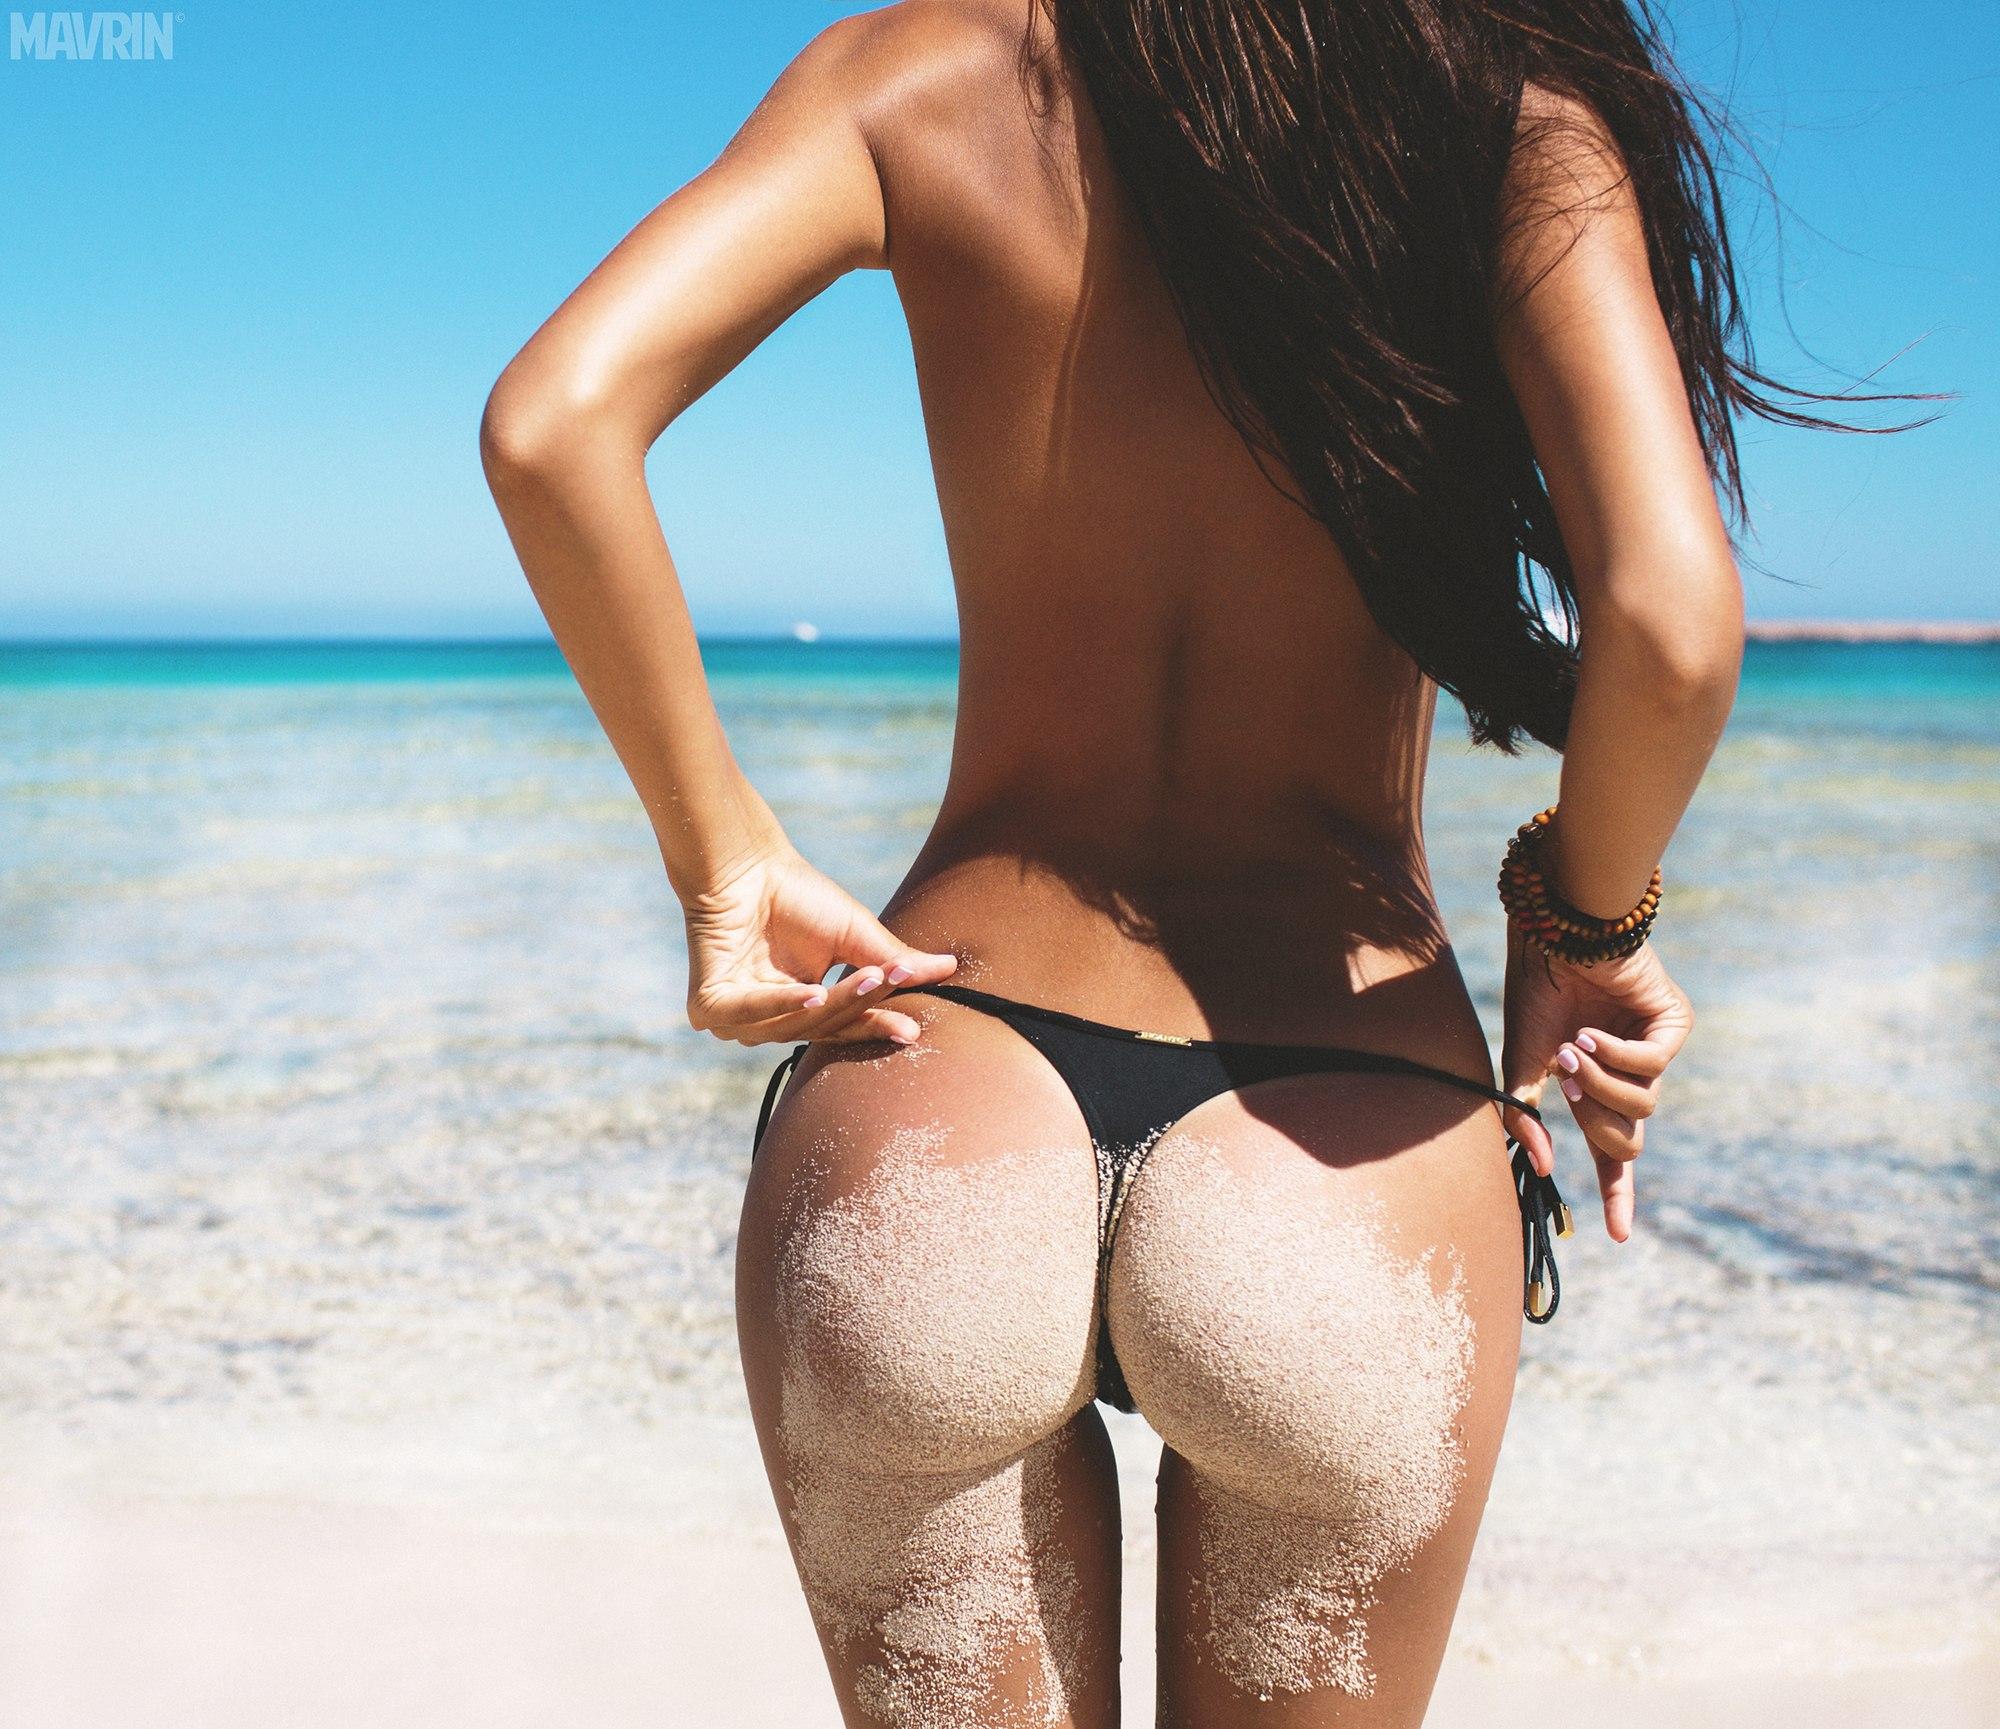 erotiske fotos massagepiger københavn